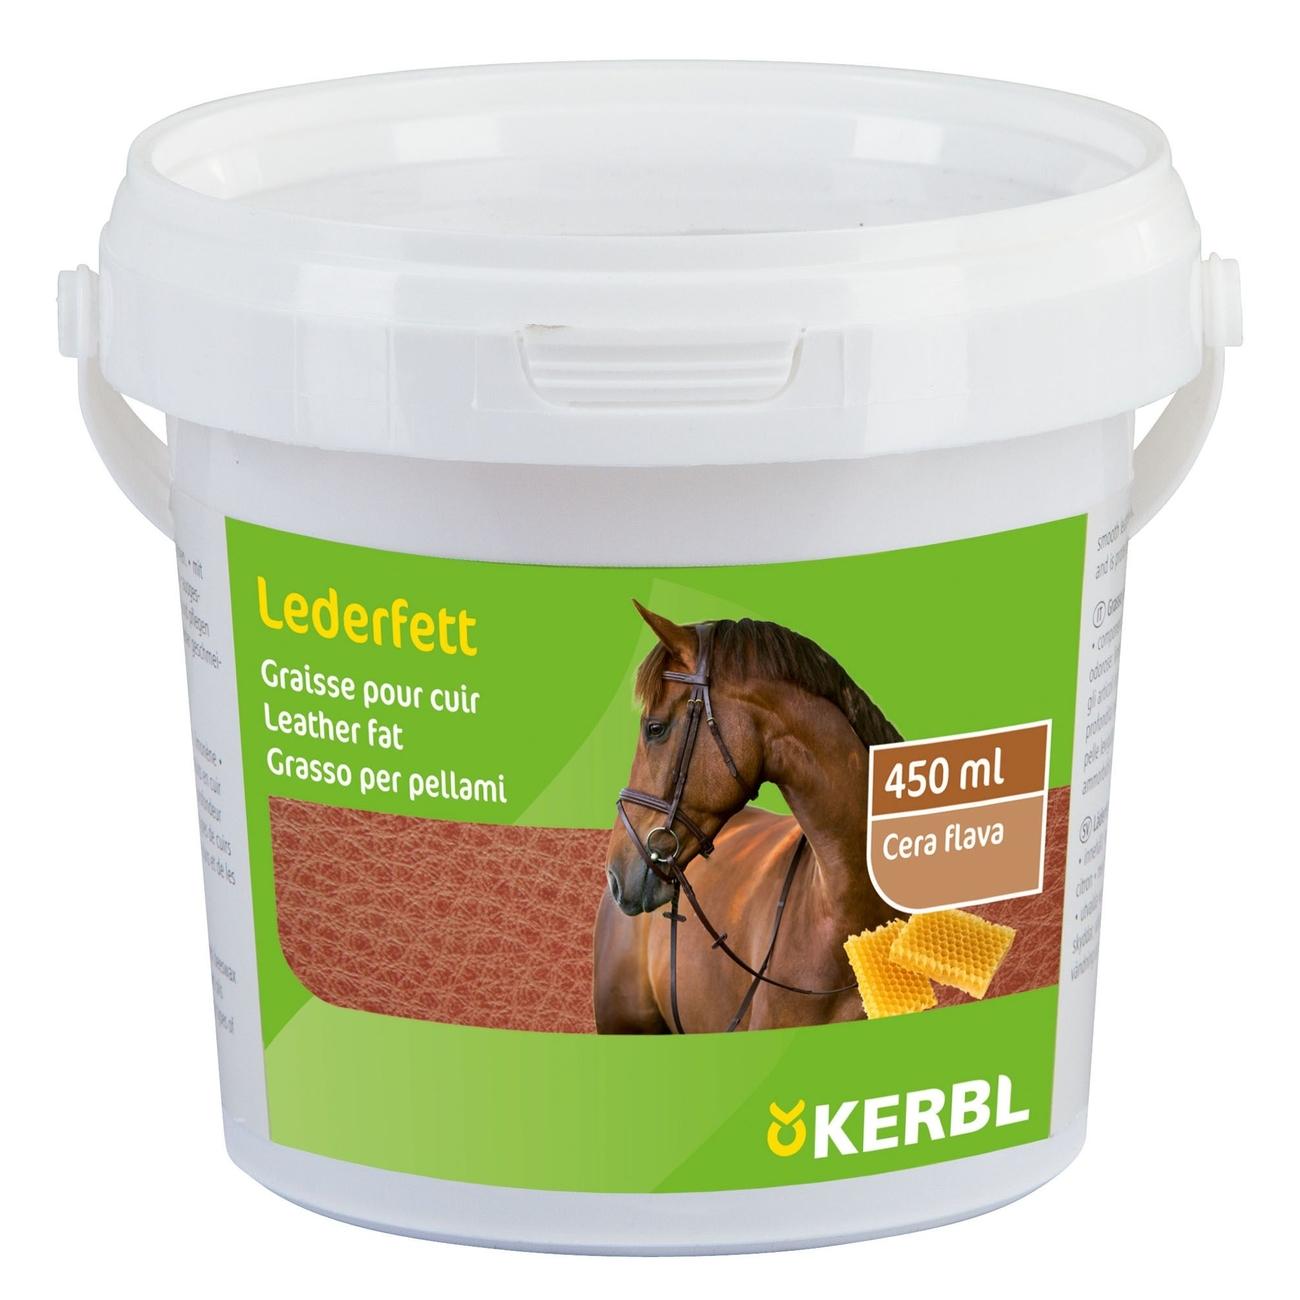 Kerbl Lederfett mit Bienenwachs, 450 ml